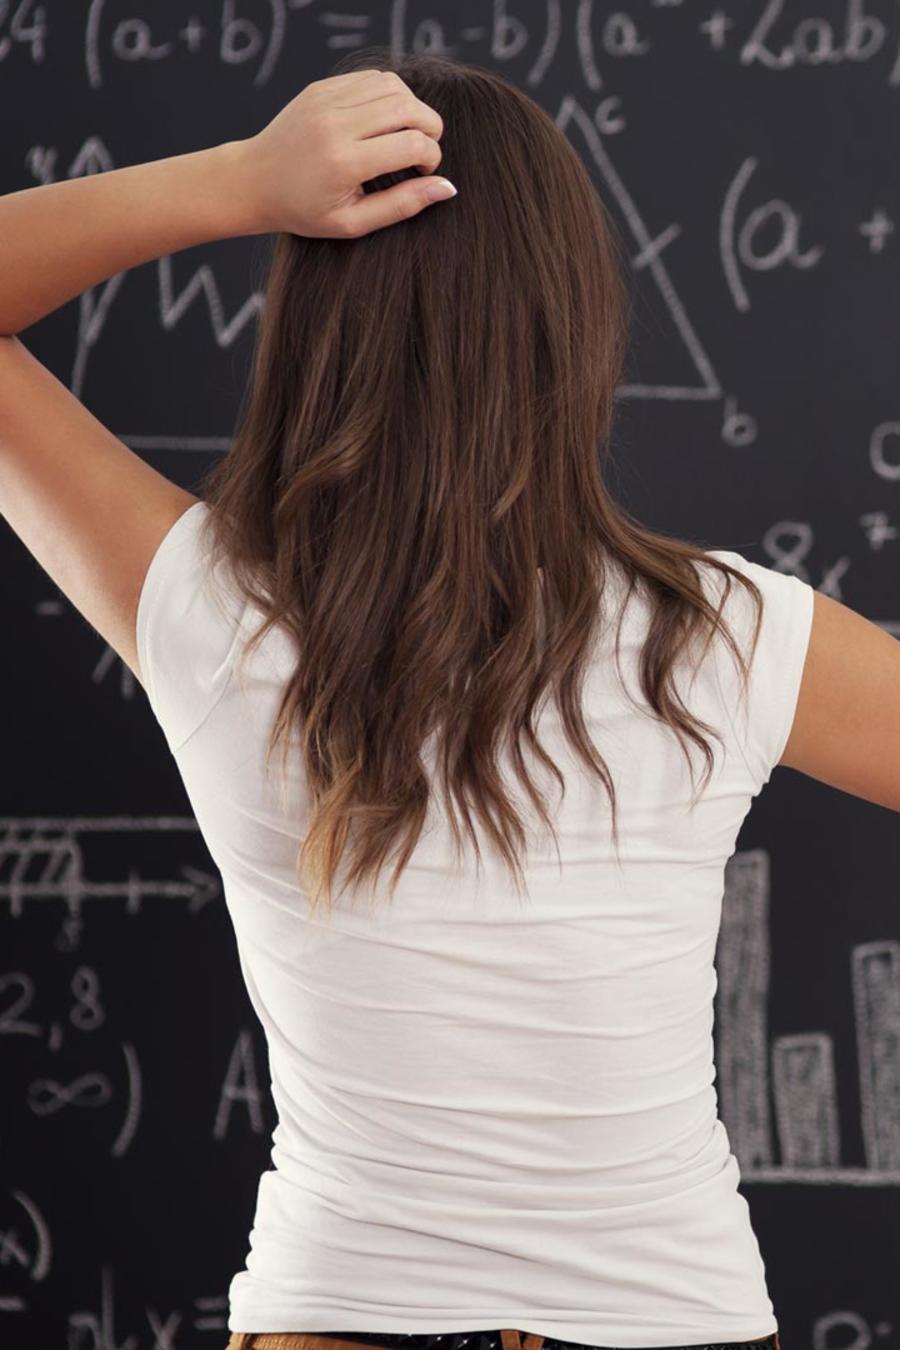 Mujer resolviendo ecuaciones matemáticas